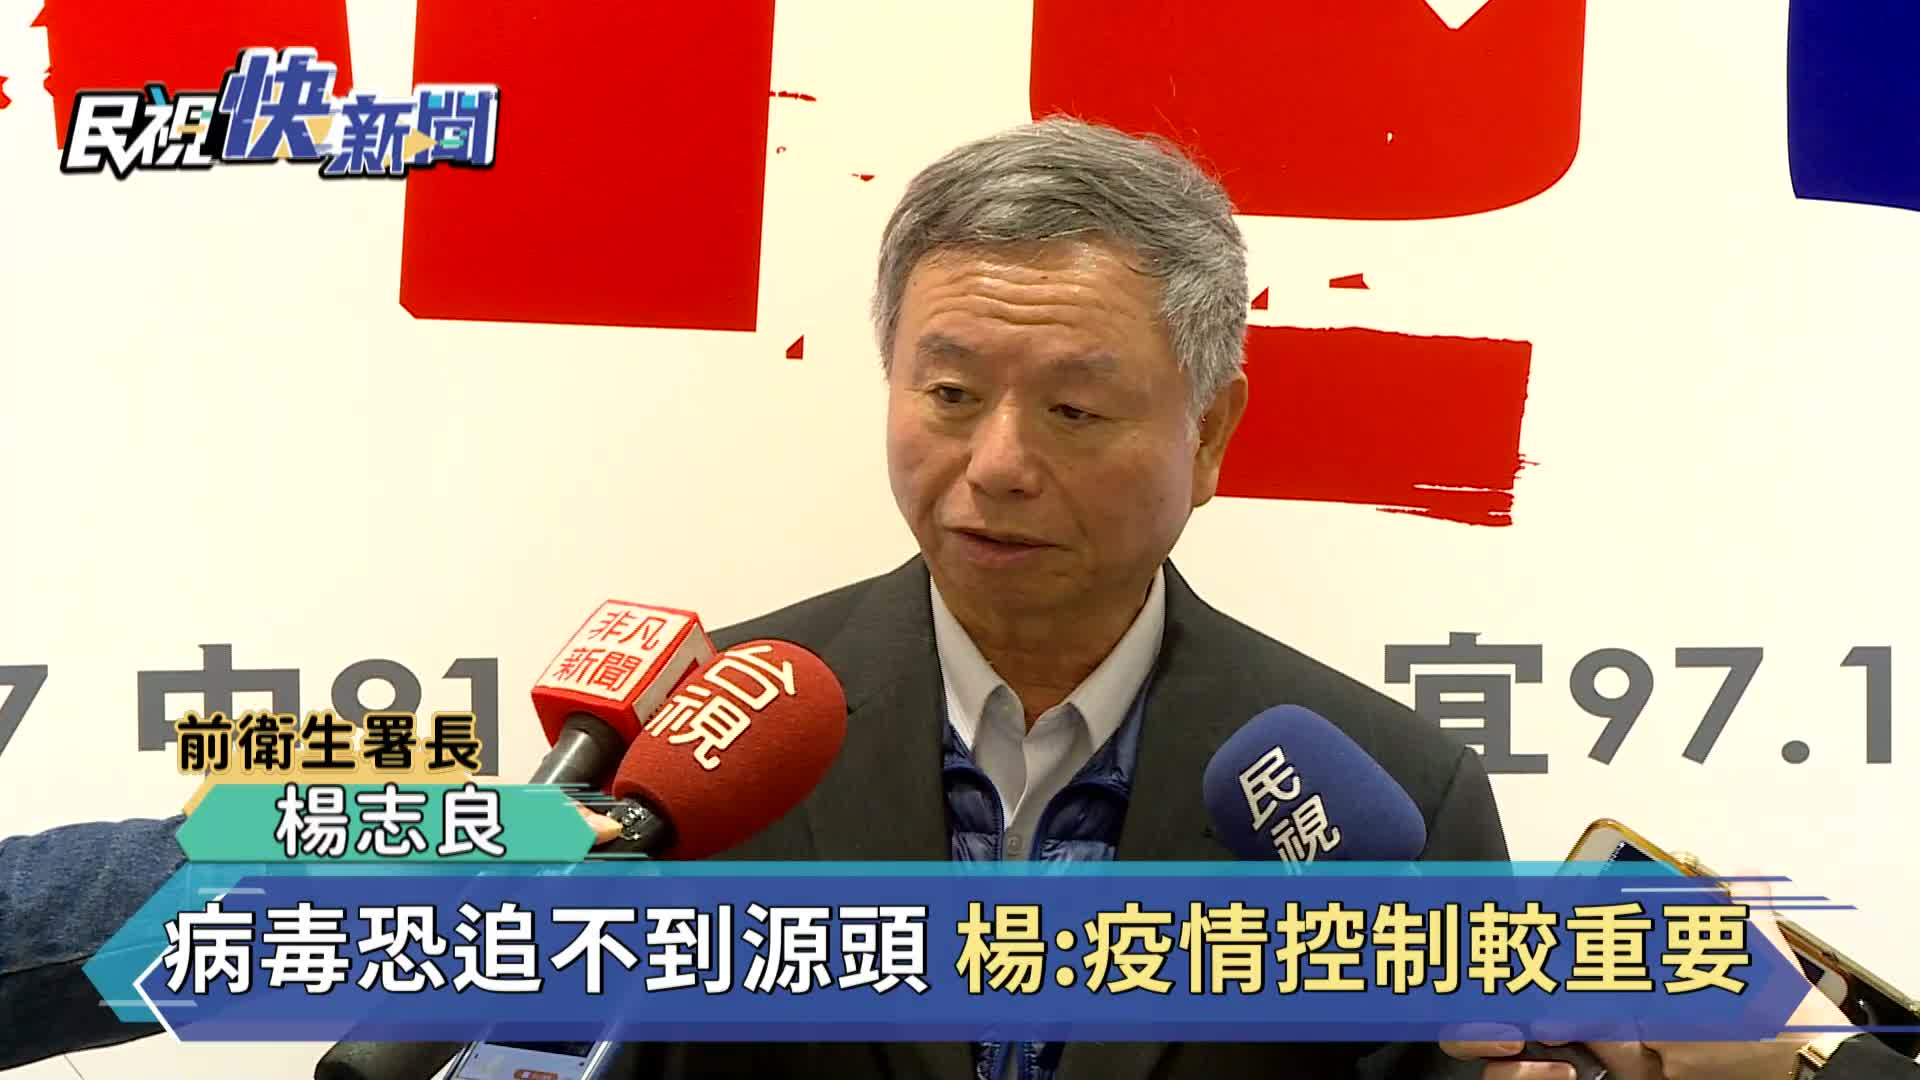 快新聞/「武漢肺炎是最成功的超級病毒!」楊志良:遶境能夠免就免了吧